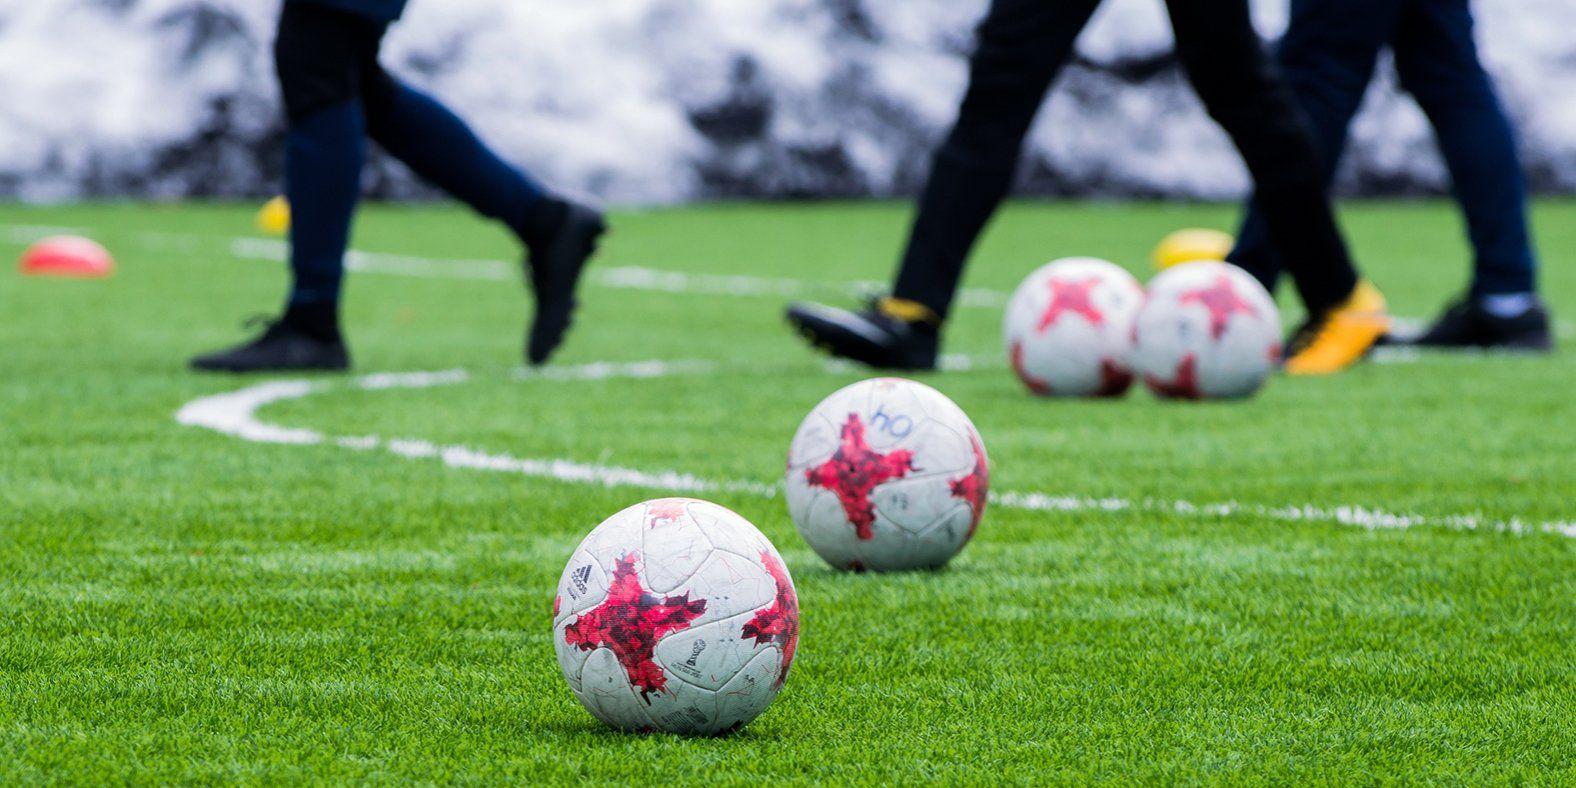 Команда «Маяк» из Марушкинского заявит о себе в Единой футбольной лиге